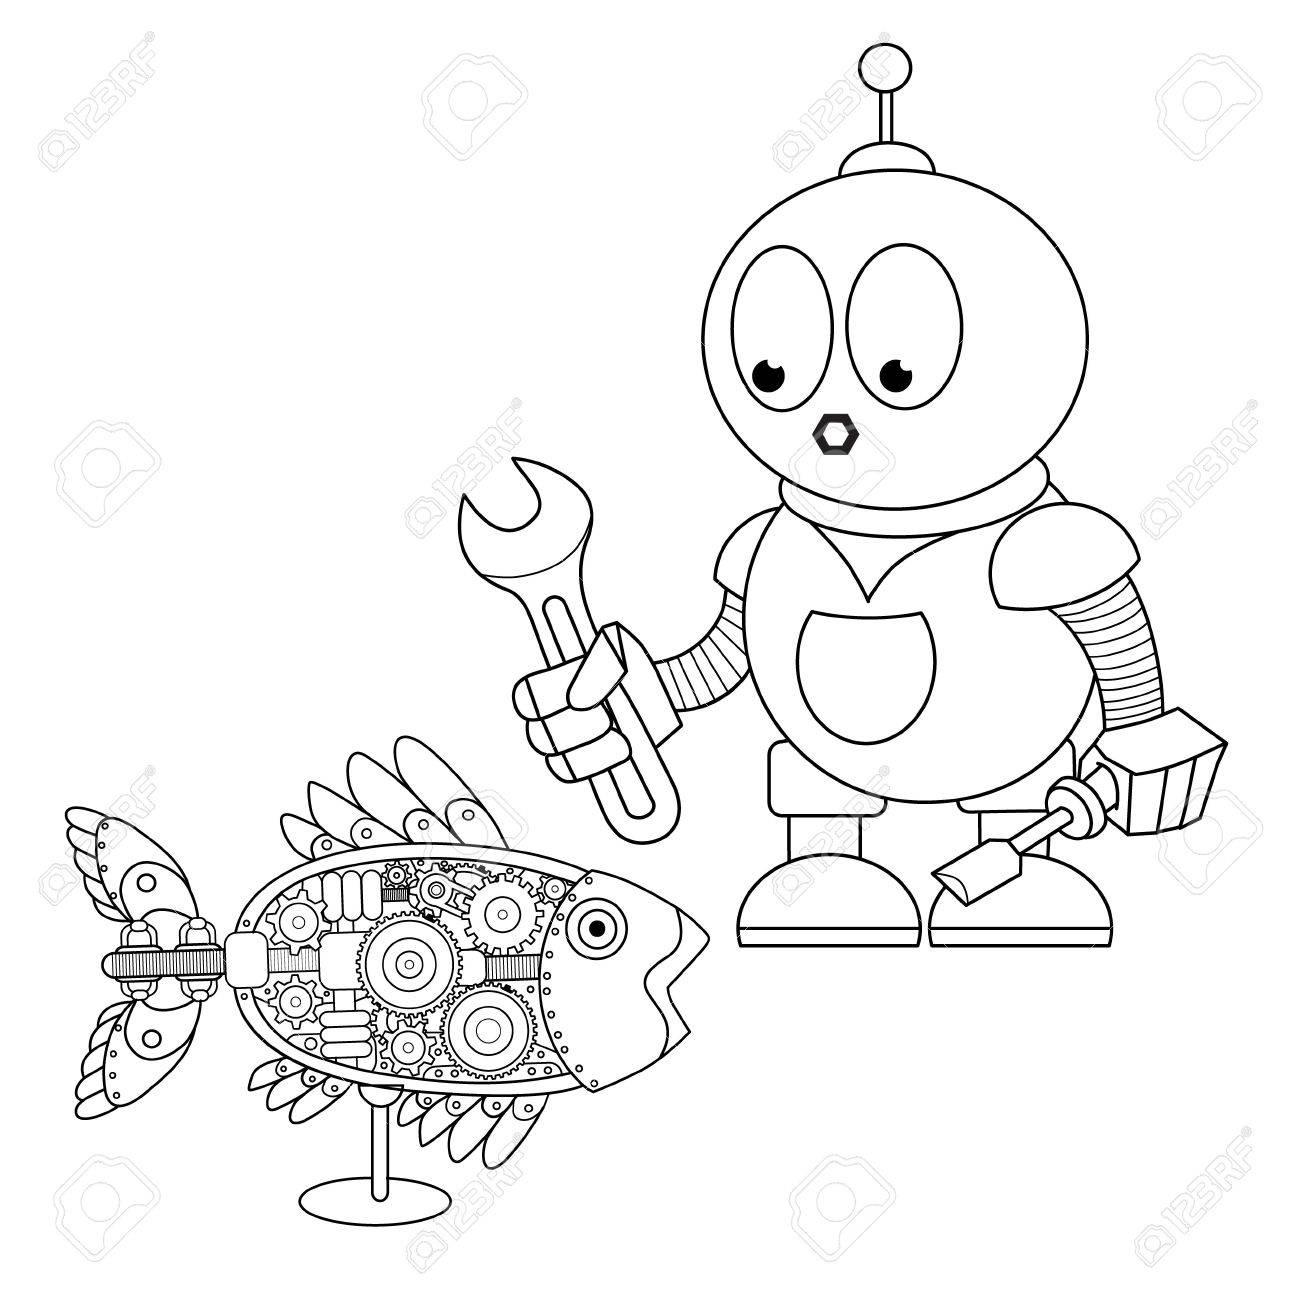 Mecánico De Robot De Dibujos Animados Con La Llave Y Destornillador De La Reparación De Pez Robot Mecánico Libro De Colorear